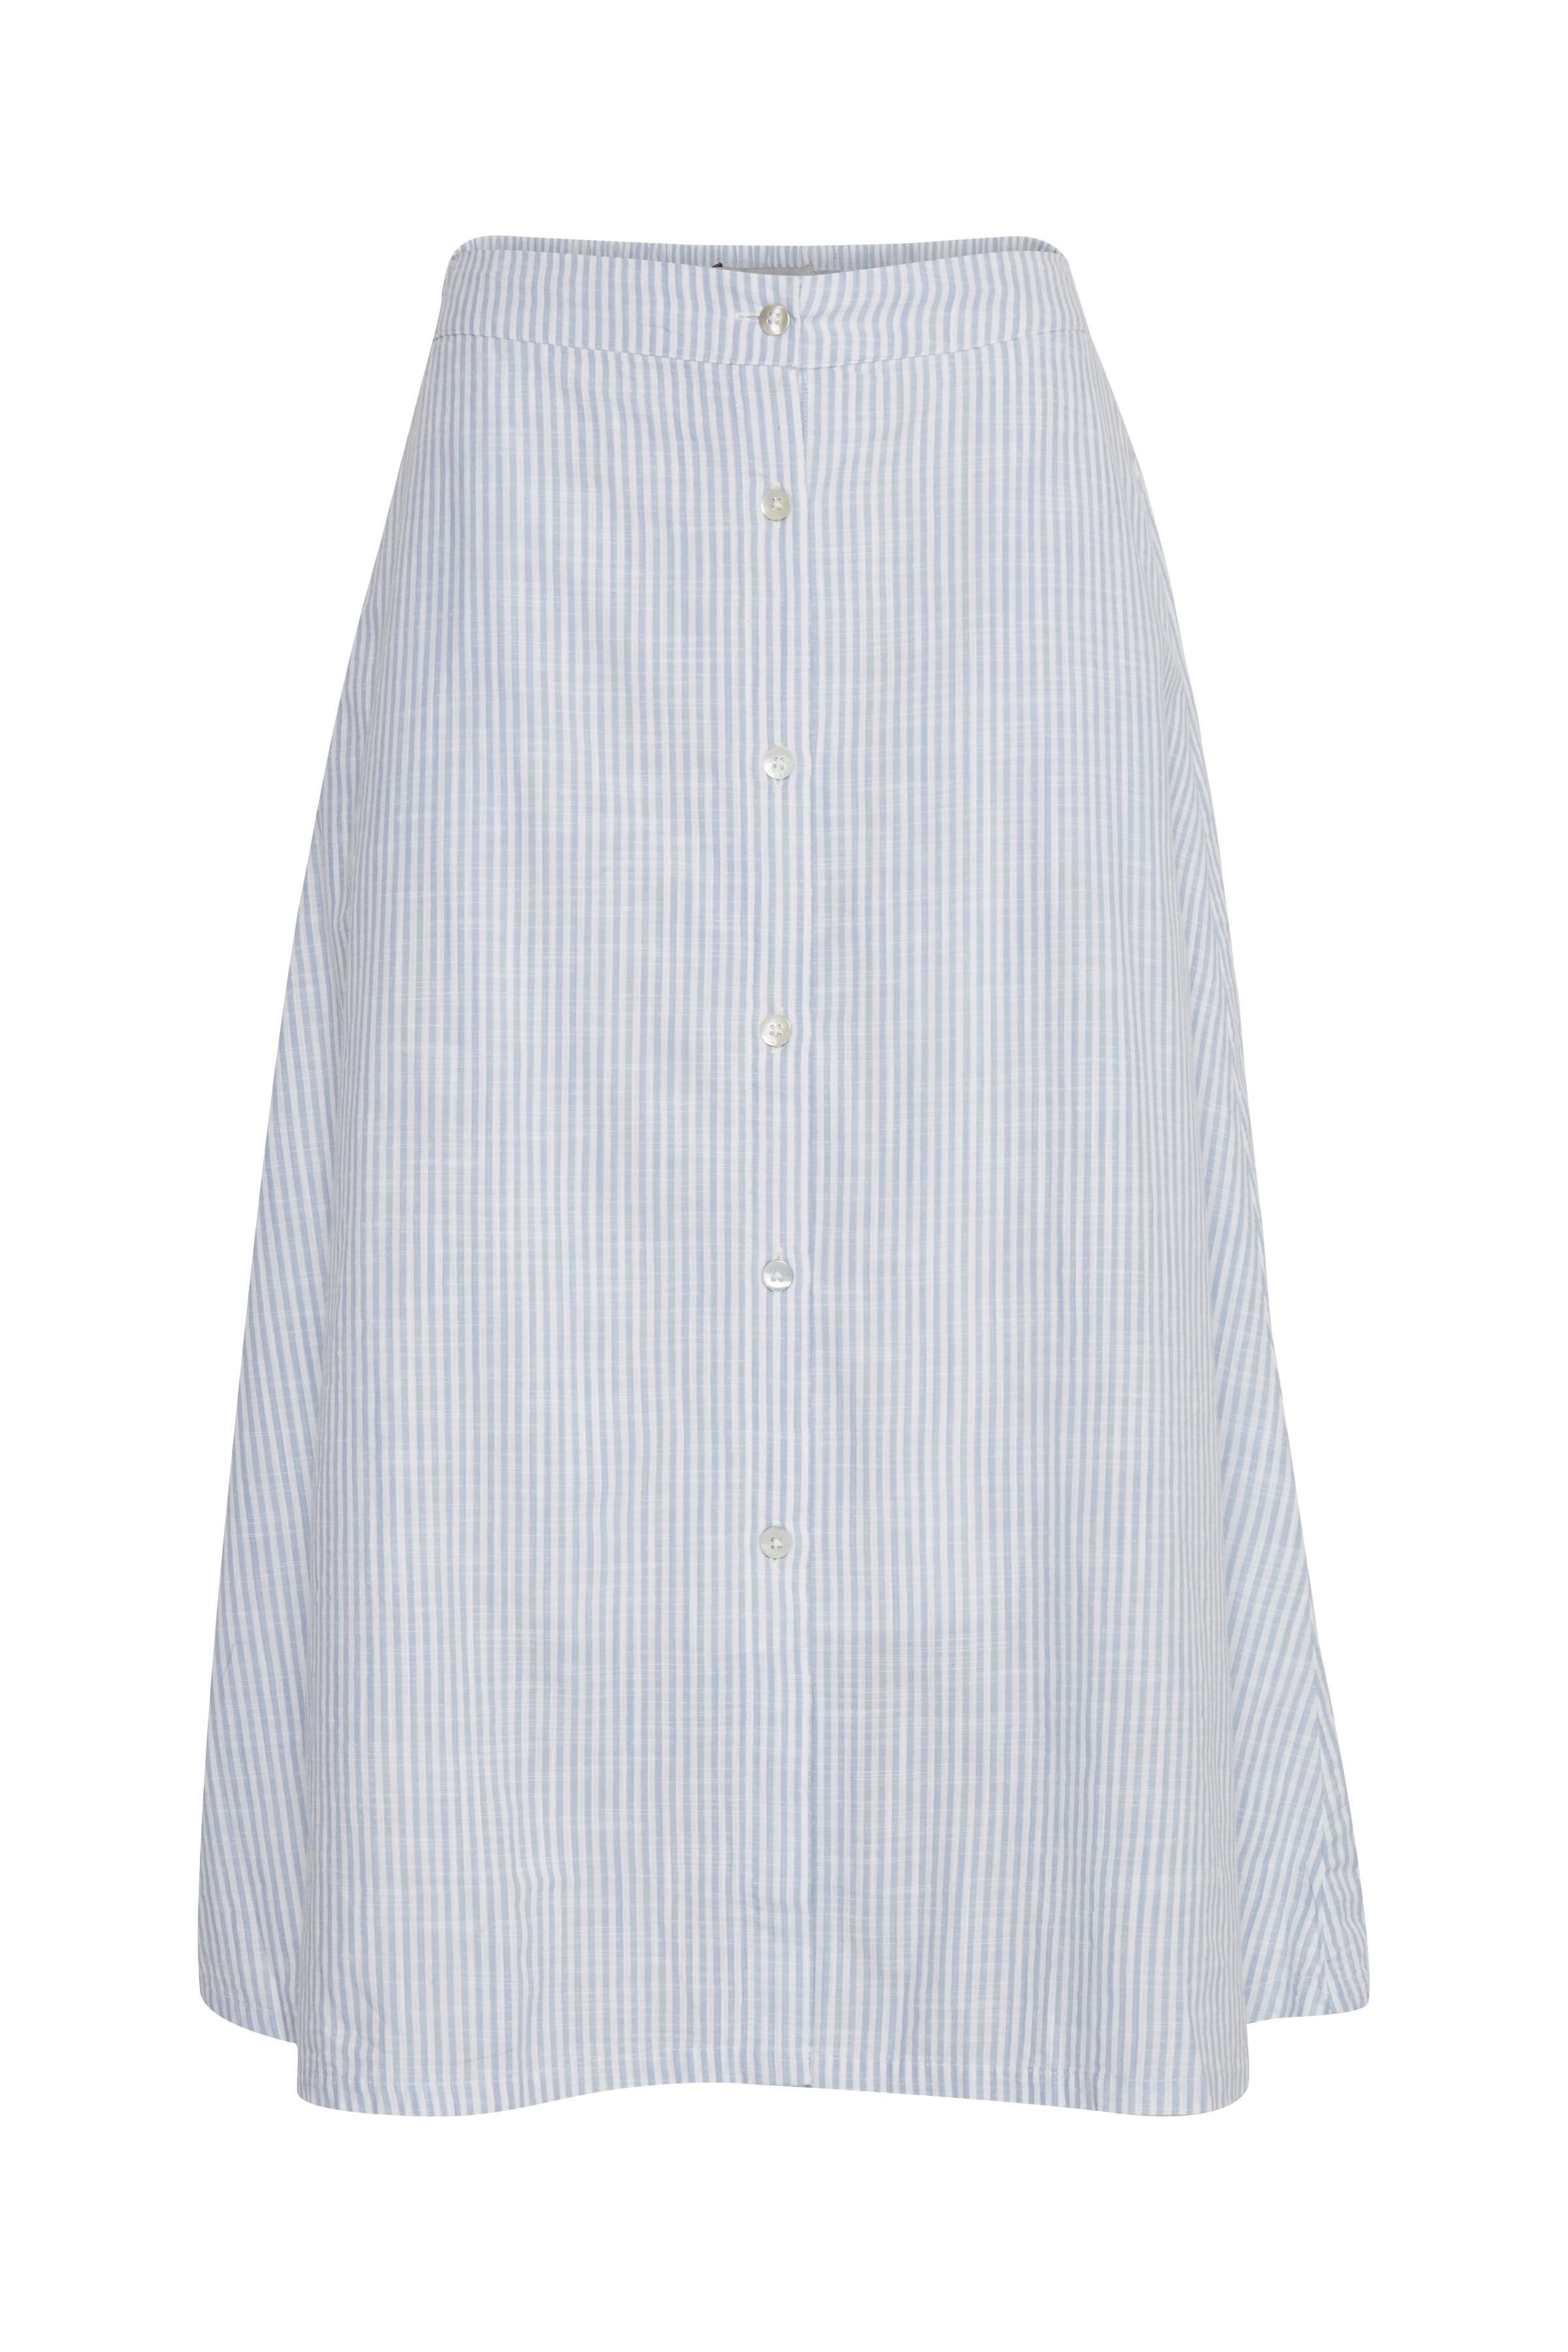 Della Robbia Blue Stripe